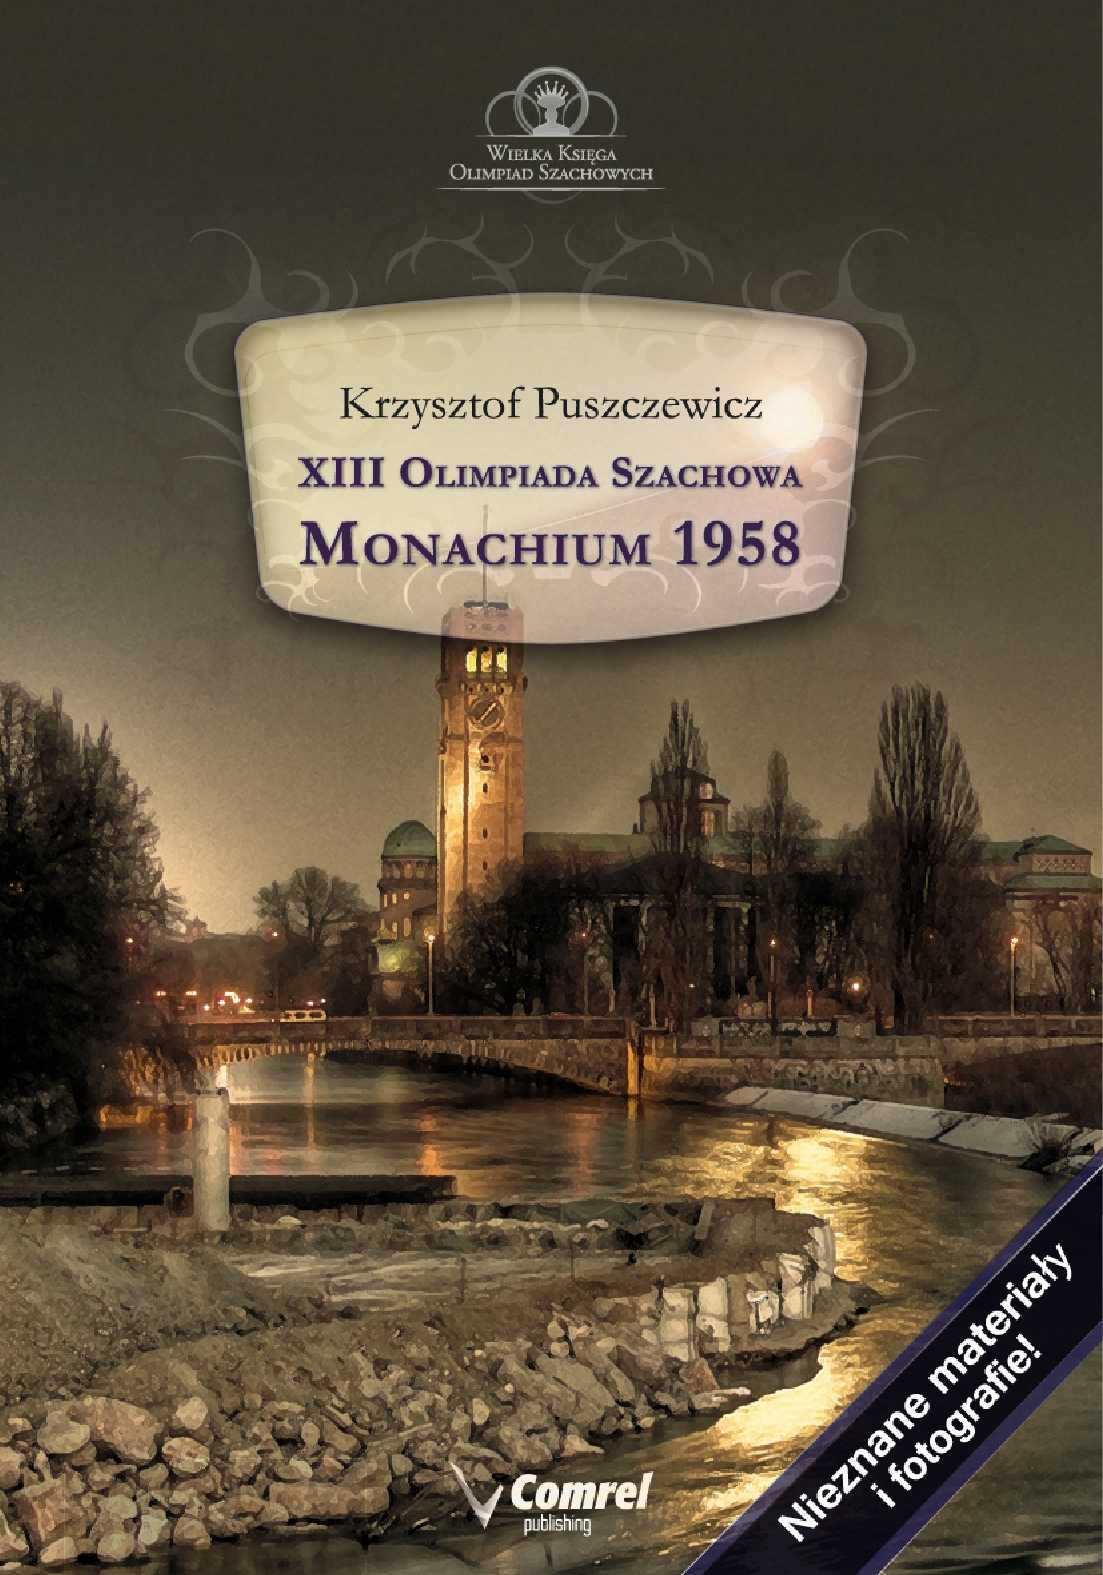 XIII Olimpiada Szachowa - Monachium 1958 - Ebook (Książka PDF) do pobrania w formacie PDF